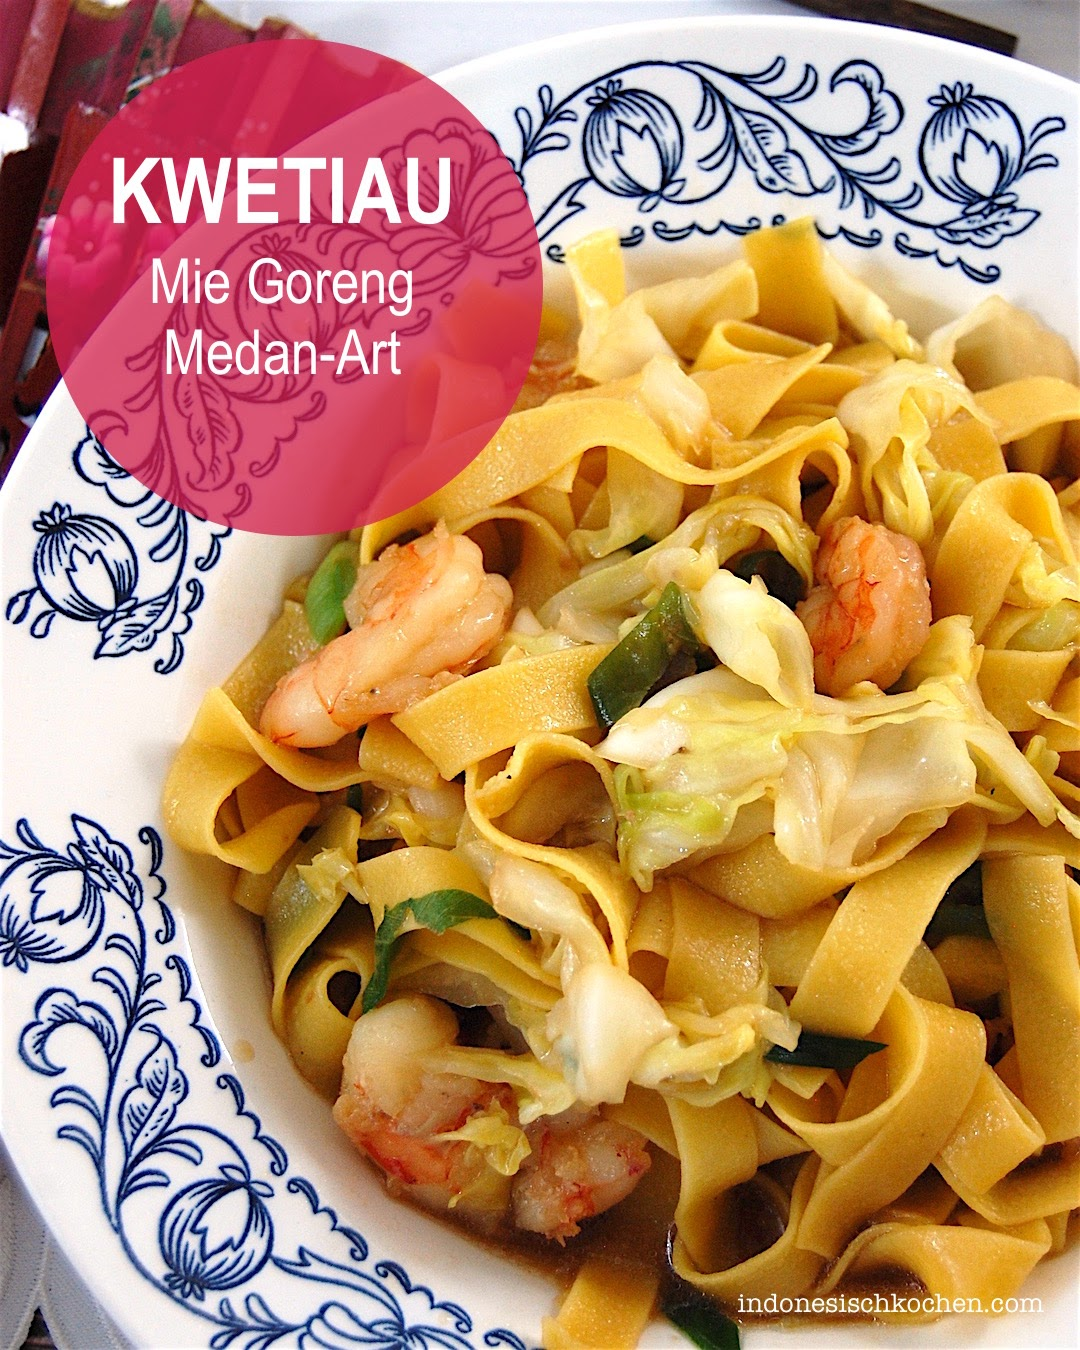 Kwetiau, Mie Goreng nach Medan-Art indonesisch kochen